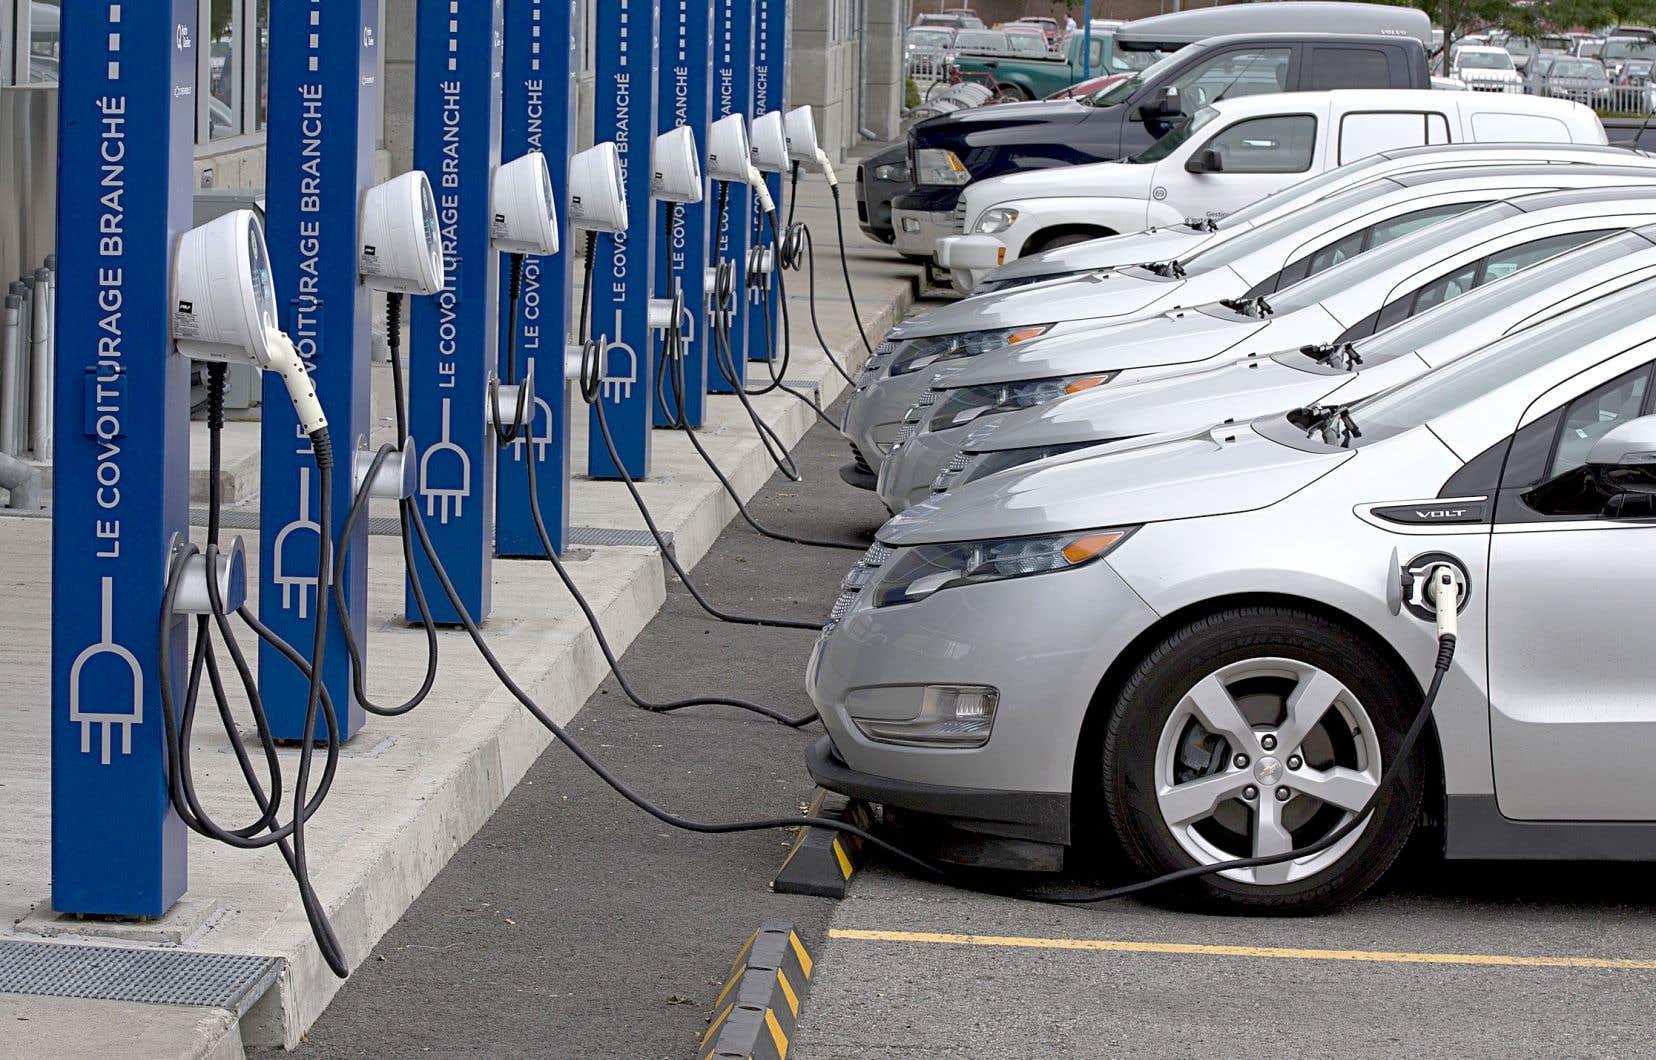 François Legault s'est engagé à réduire la consommation de produits pétroliers des Québécois de 40% d'ici 2030.